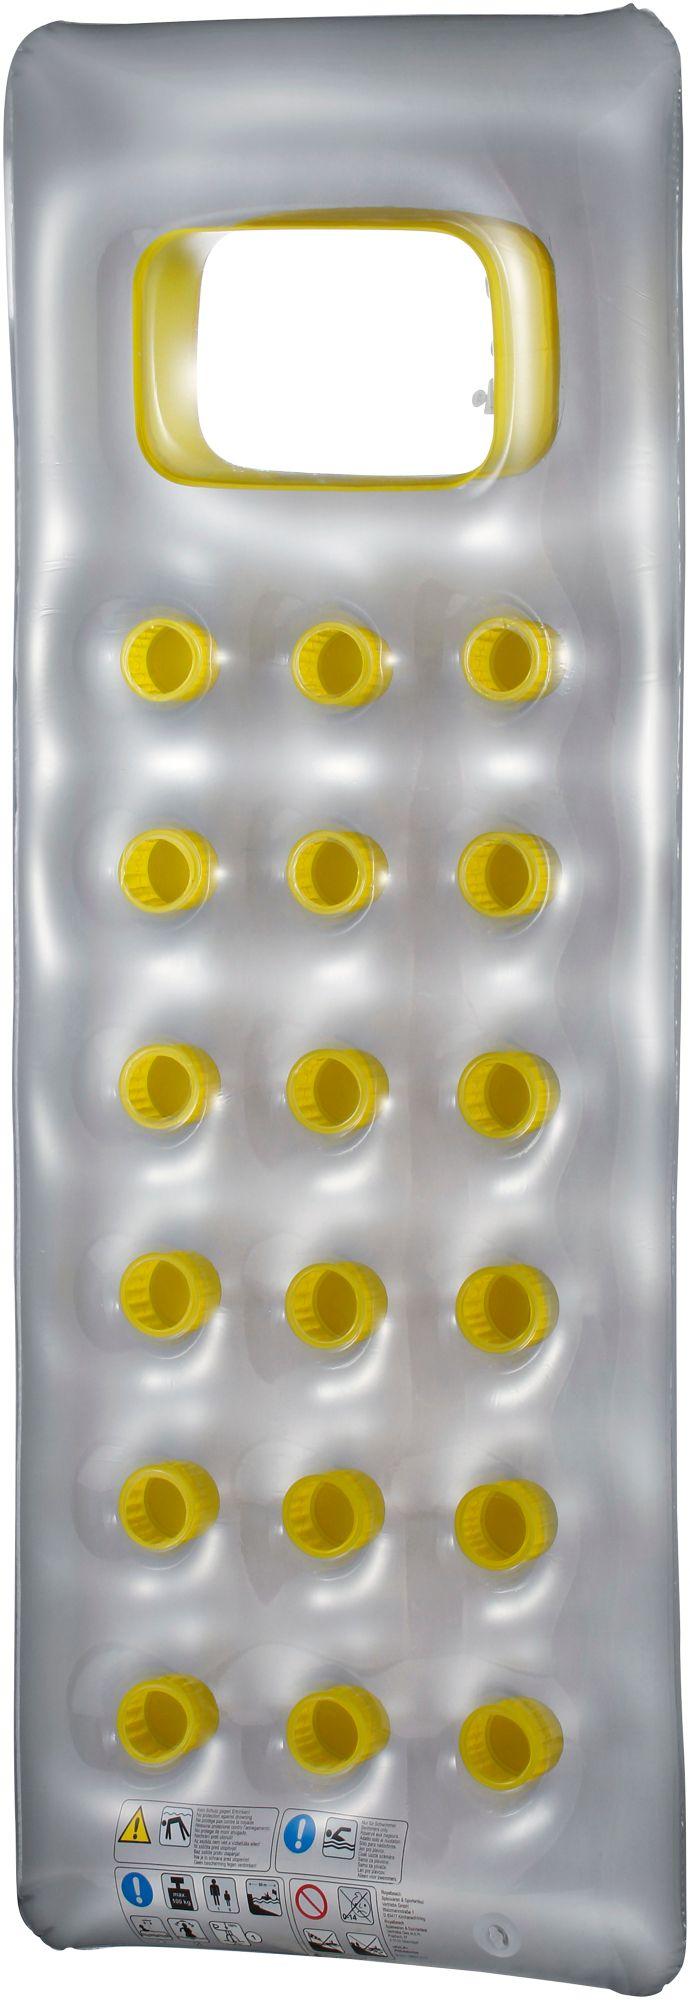 Solorboxmatratze Luftmatraze in sortiert